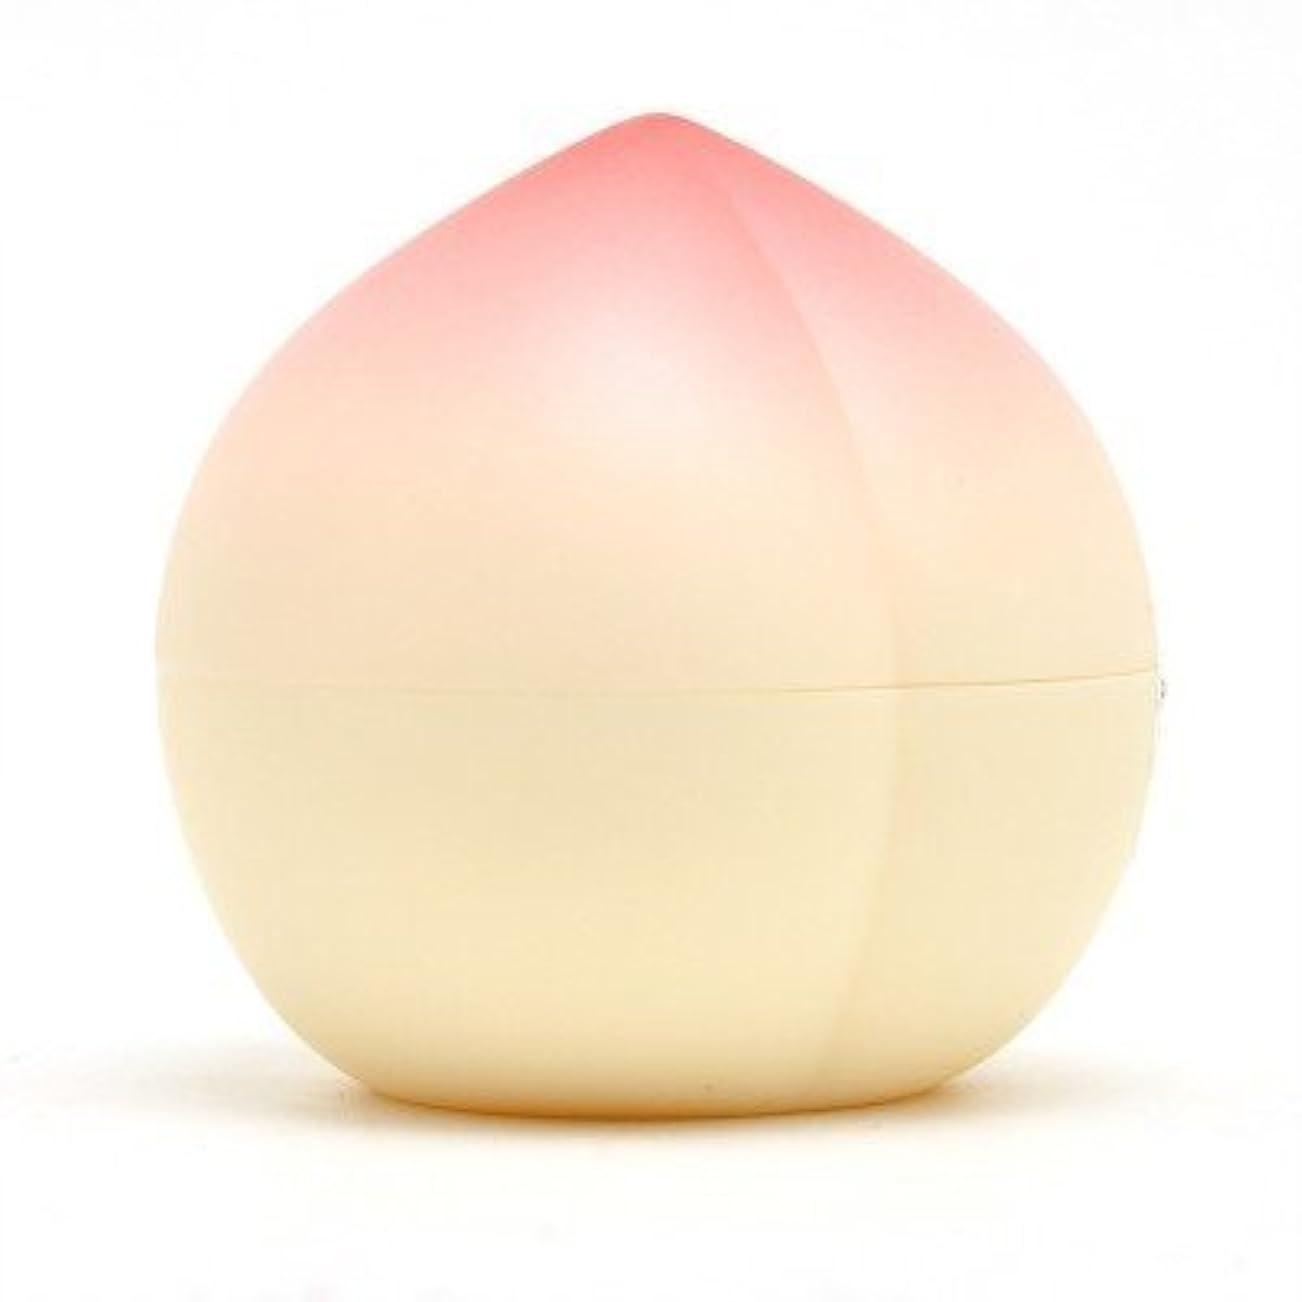 ぶどう虐殺松TONYMOLY トニーモリー ピーチ?ハンドクリーム 30g (Peach Antiaging Hand Cream) 海外直送品